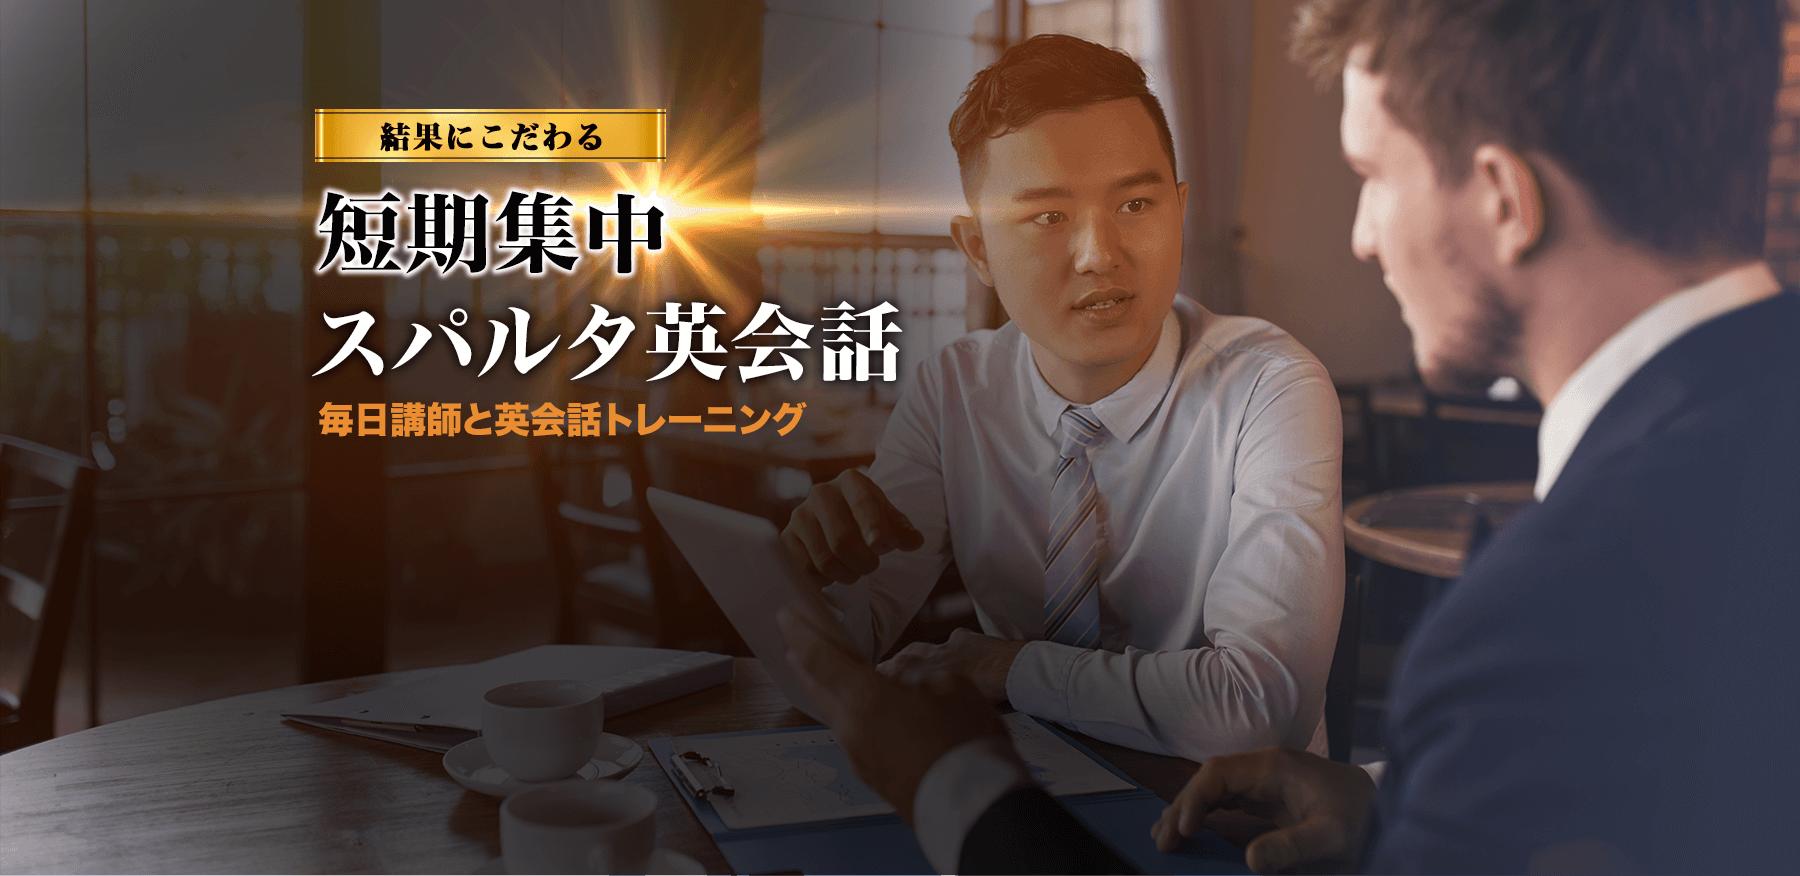 名古屋の短期集中スパルタ英会話